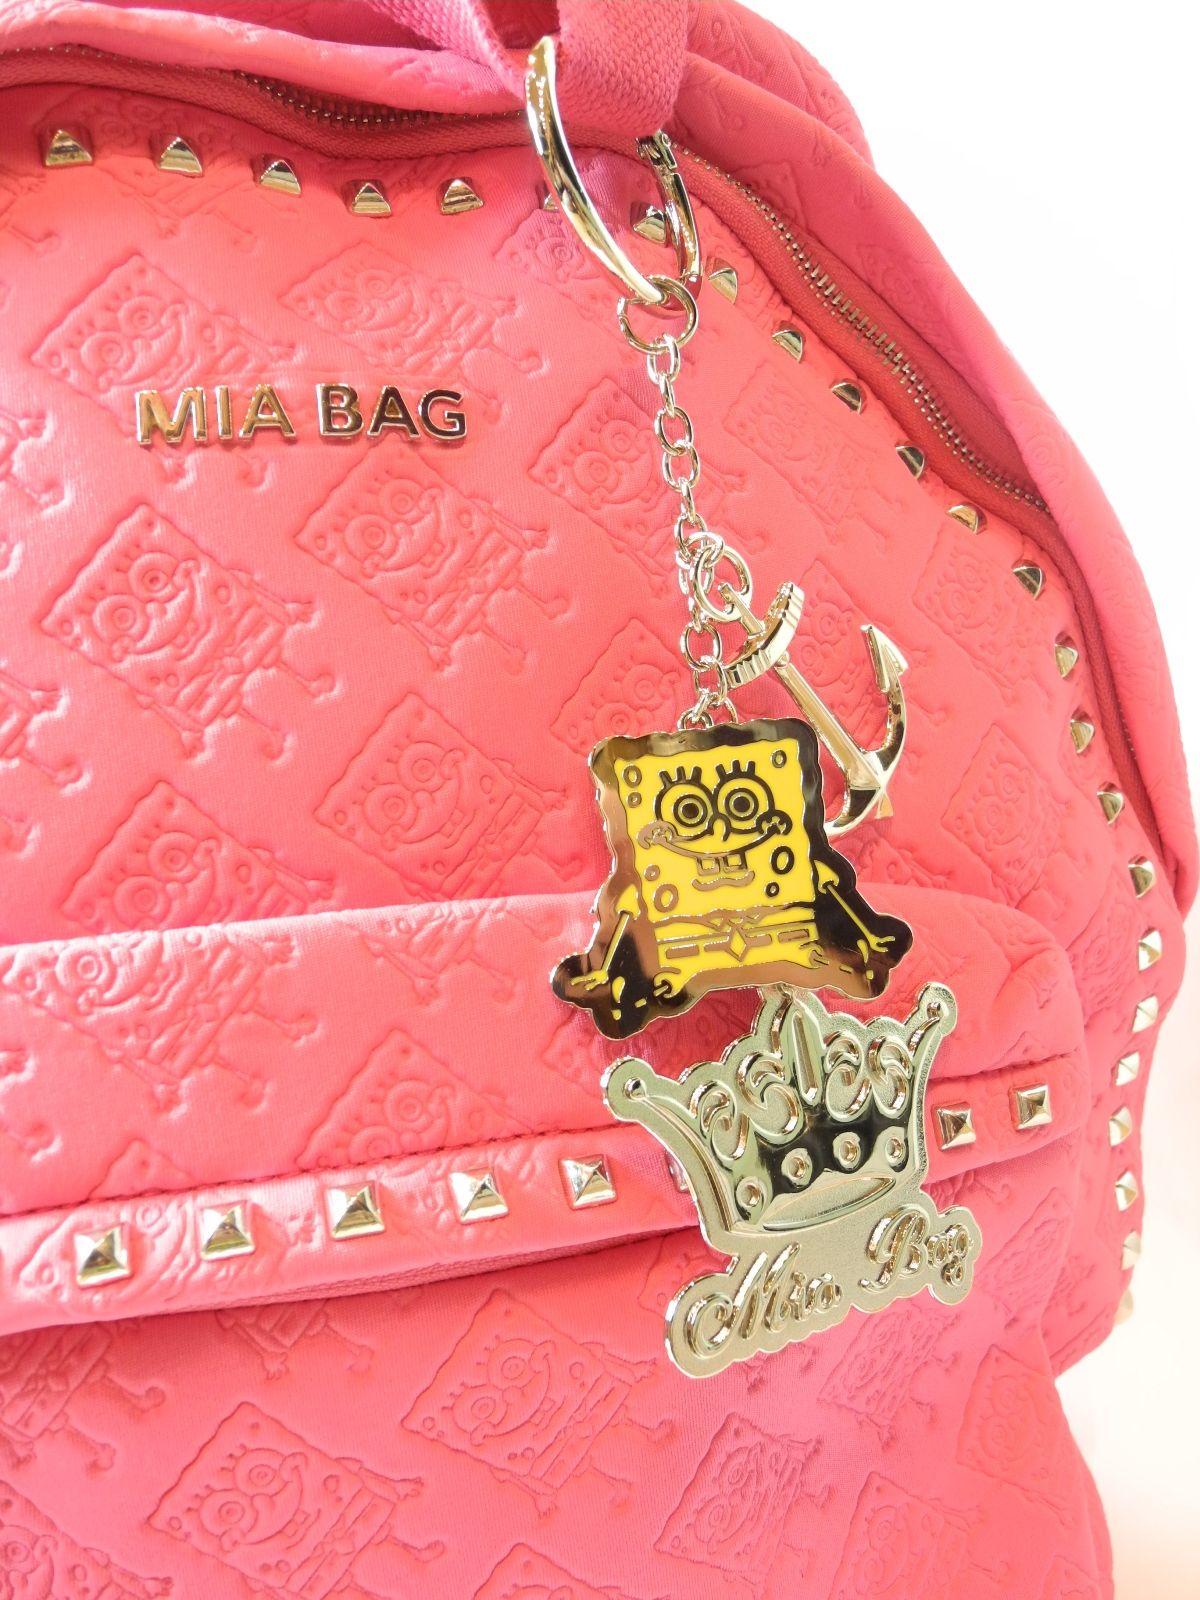 Mia Bag & Spongebob: divertente, colorato e trendy! Venite a vederlo su www.shopviaroma1.com #miabag #spongebob #bag #summer #viaroma1